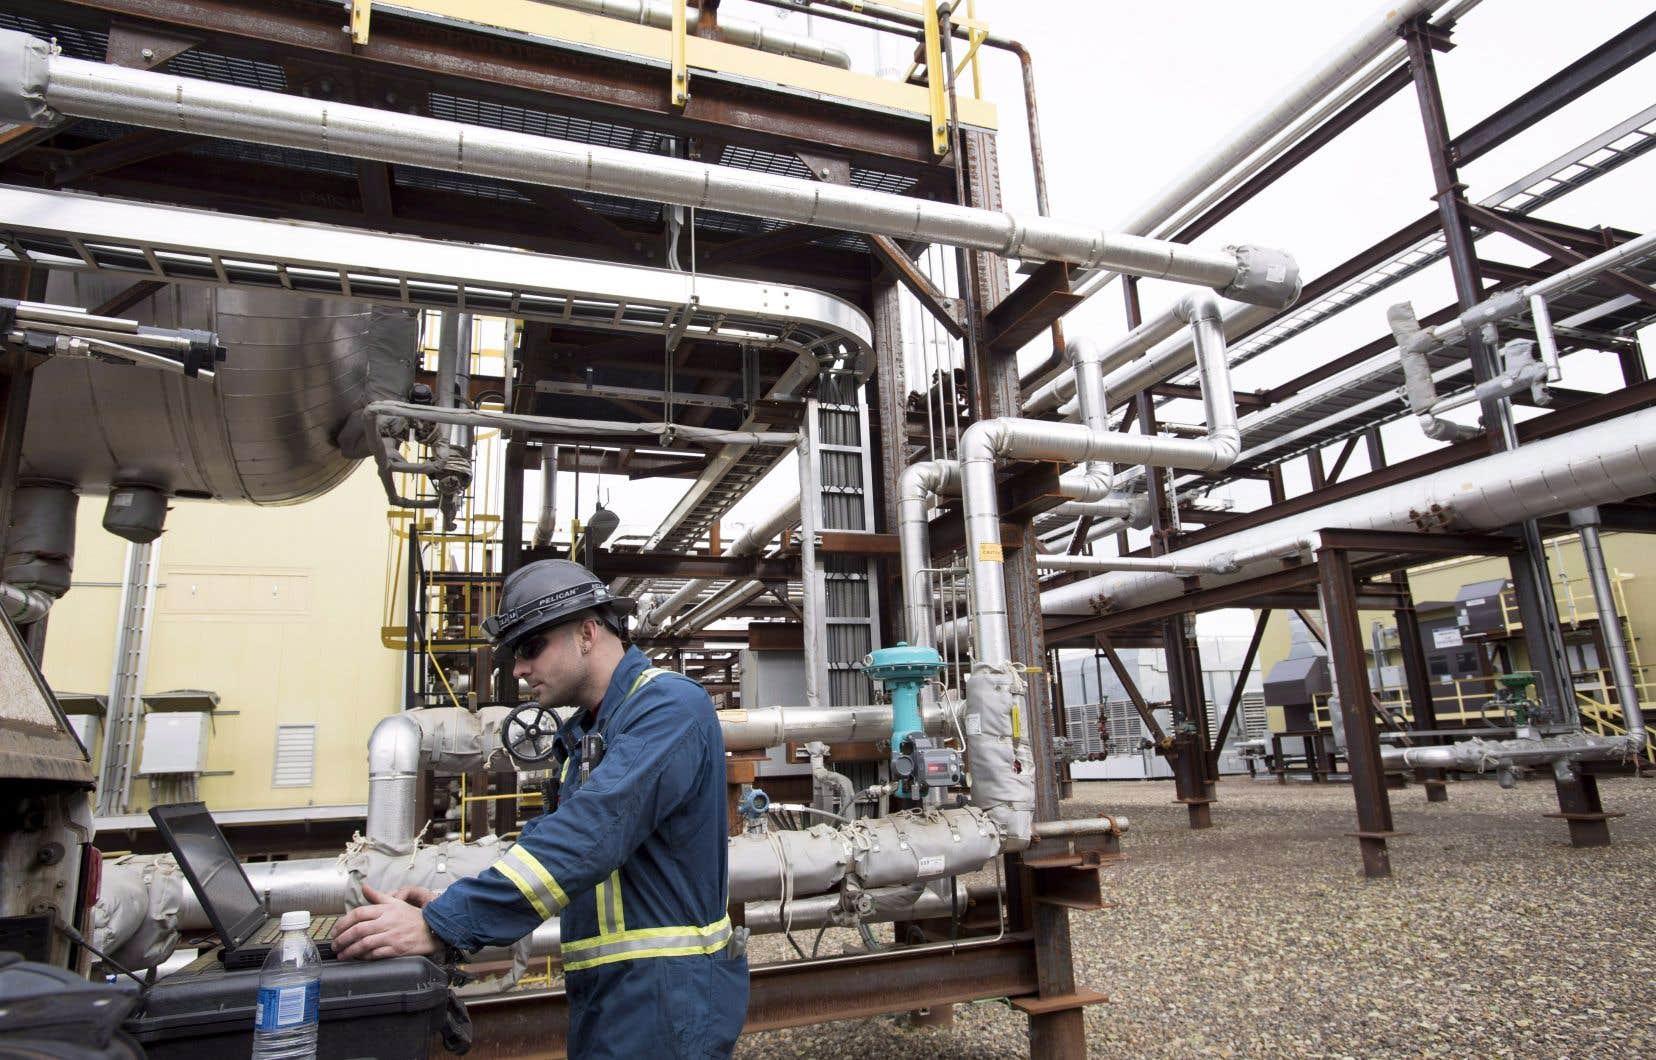 <p>Le projet de Coastal GasLink, auquel des chefs traditionnels wet'suwet'en s'opposent, est le principal corridor d'exportation envisagé vers l'océan Pacifique pour le gaz naturel exploité dans le Montney et les formations environnantes.</p>